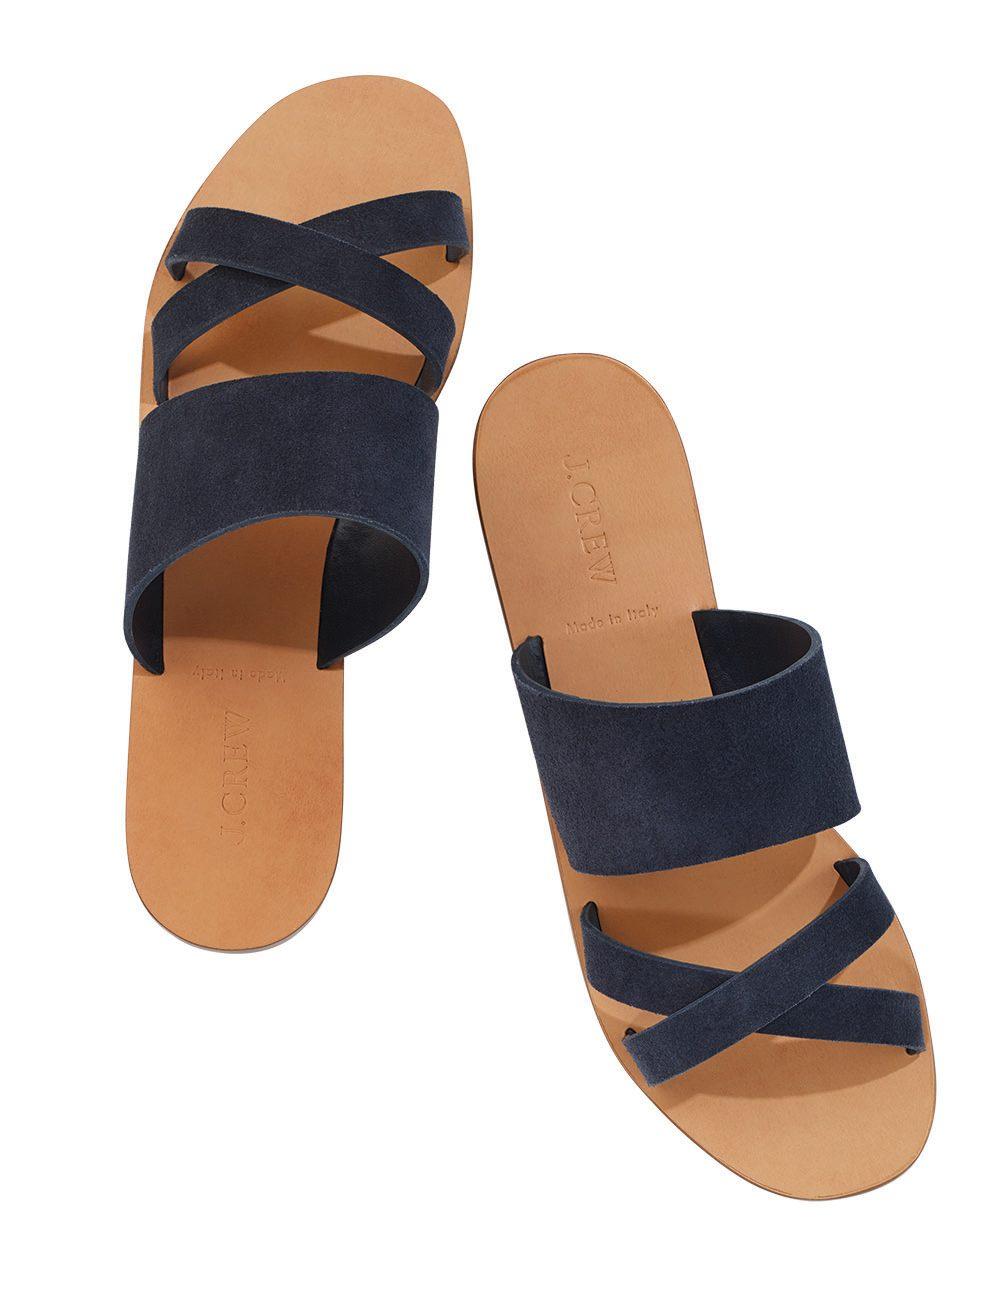 13 J. Crew Sandals-02